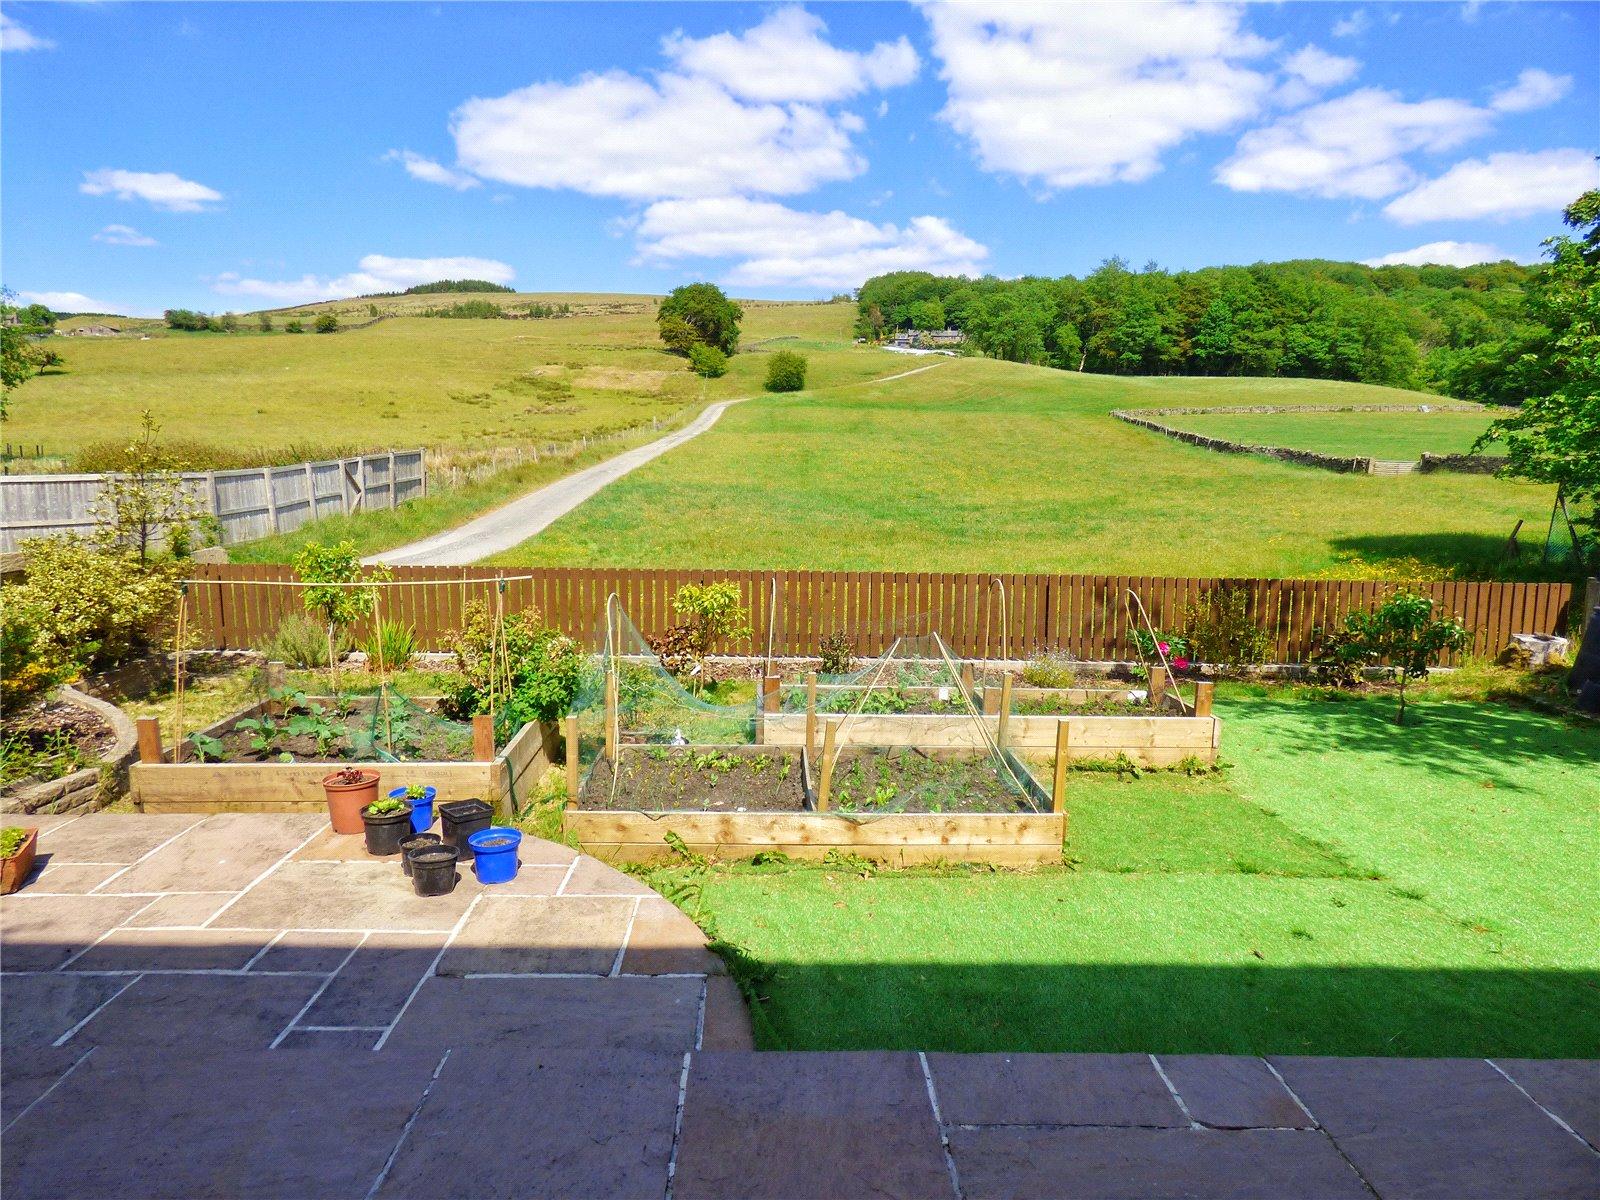 Rear Patio & Lawn: